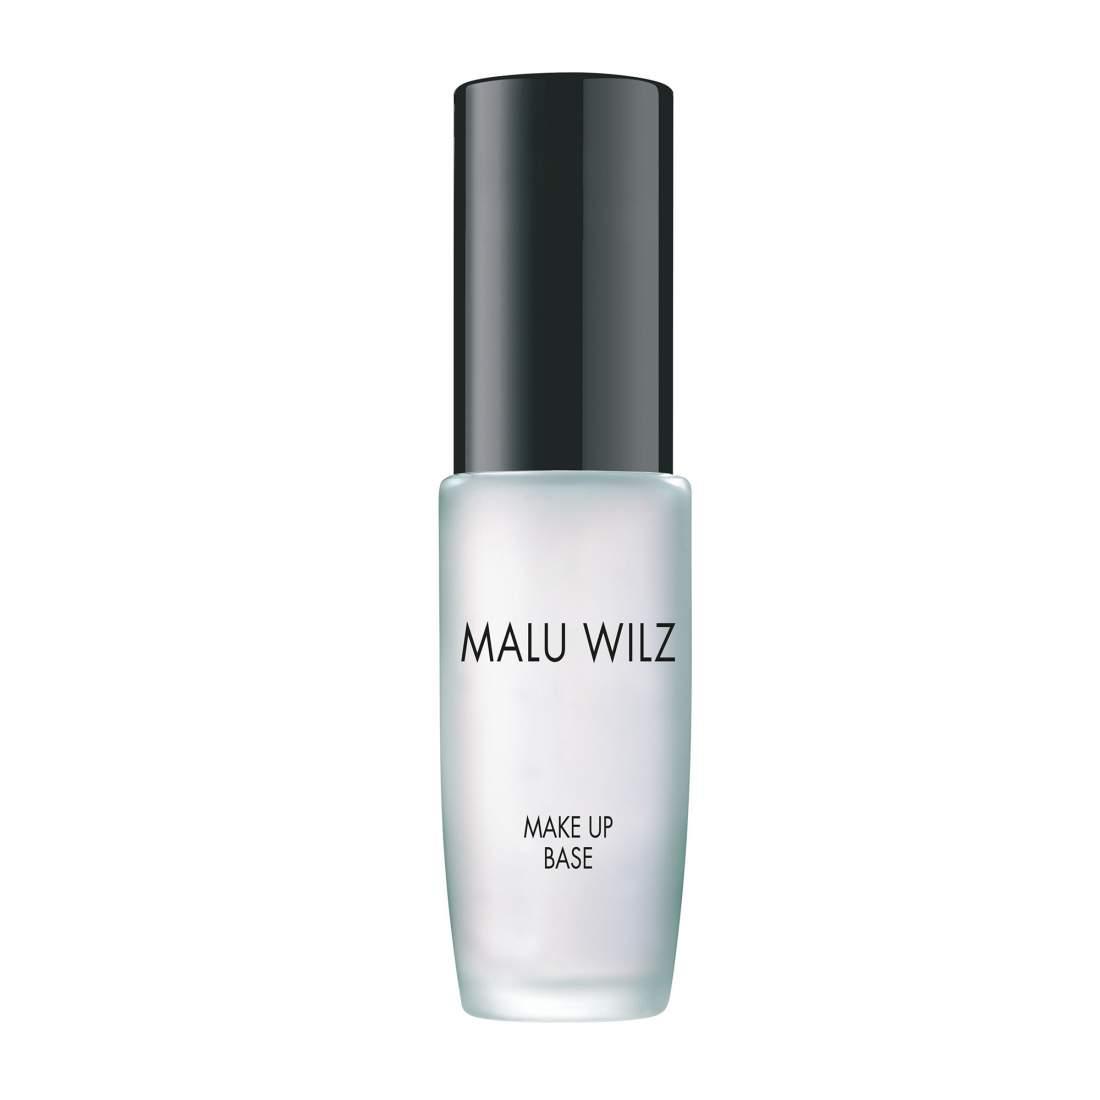 Átlátszó, könnyű gél állagú sminkalapozó - Malu Wilz Make up Base